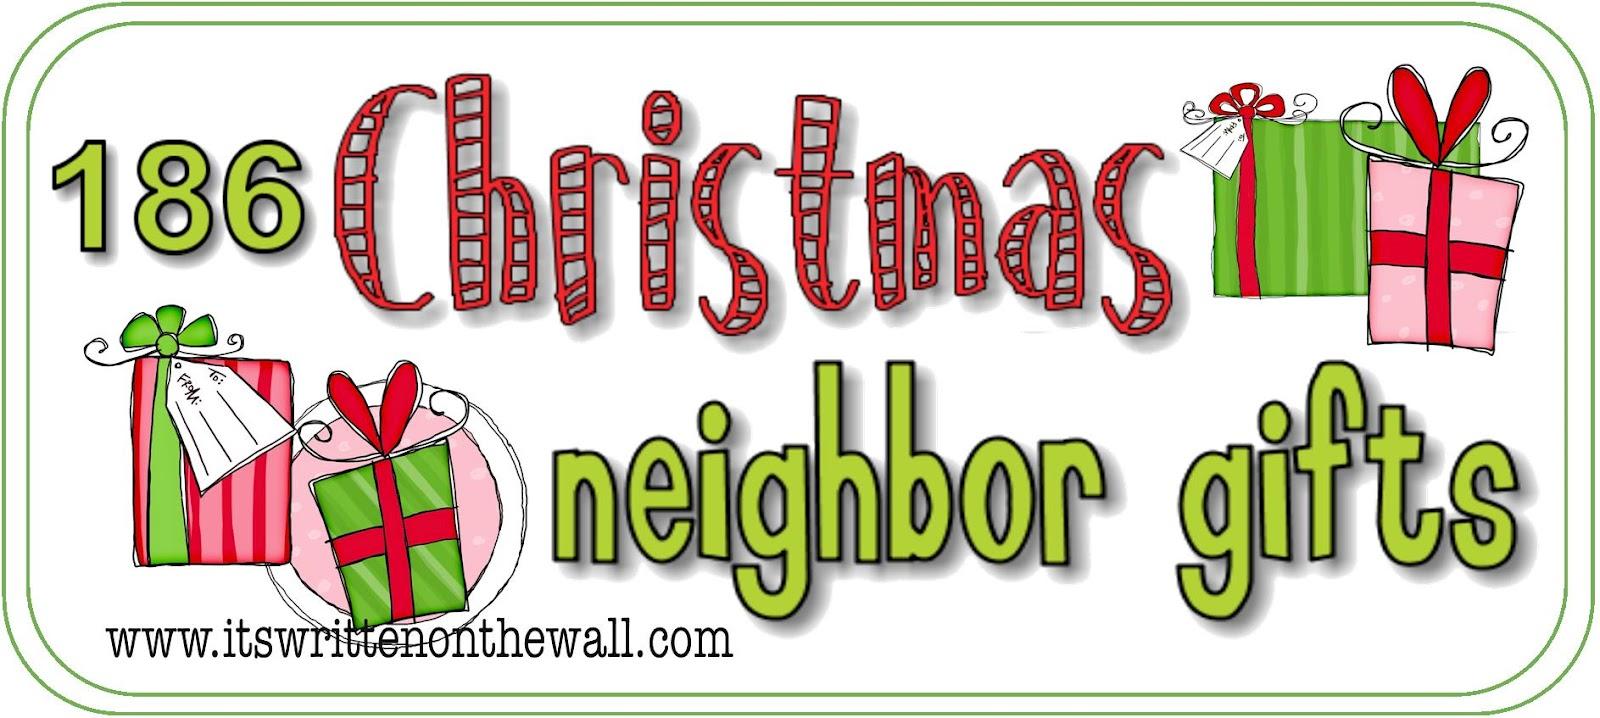 Neighbor teacher christmas gift ideas pinpoint for Christmas gifts for neighbors homemade